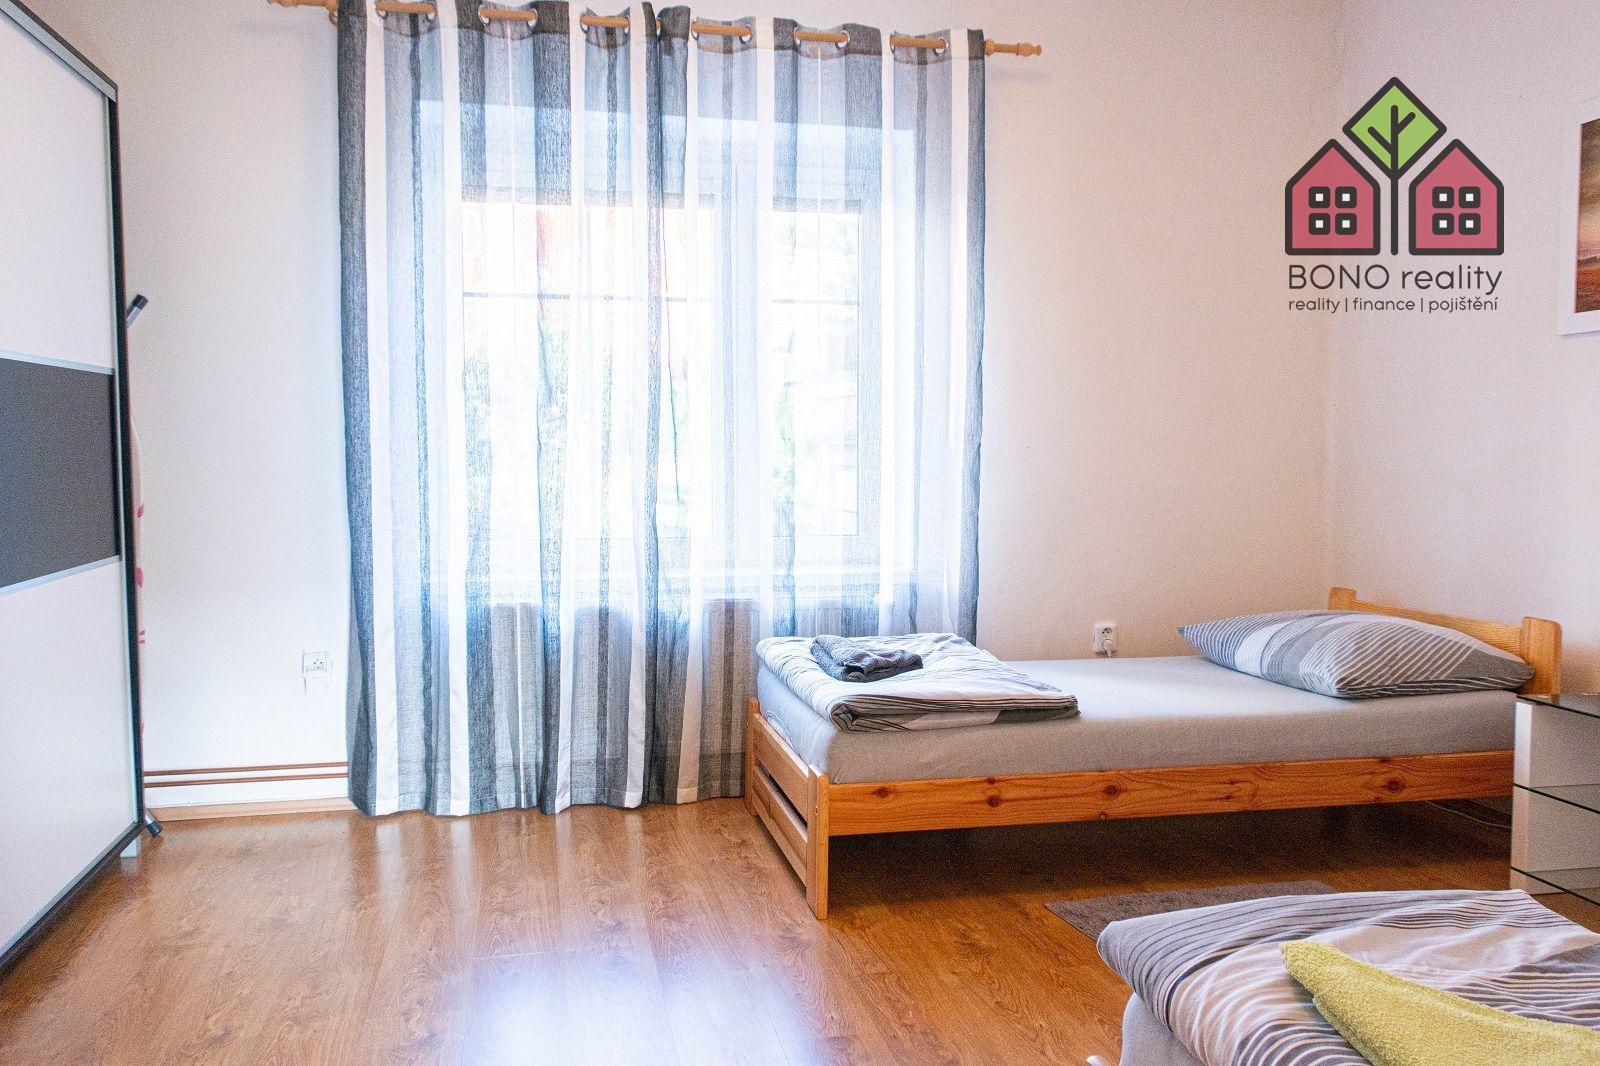 Pronájem bytu 2+1, OV, 66 m2, Ústí nad Labem- Střekov, ulice Purkyňova